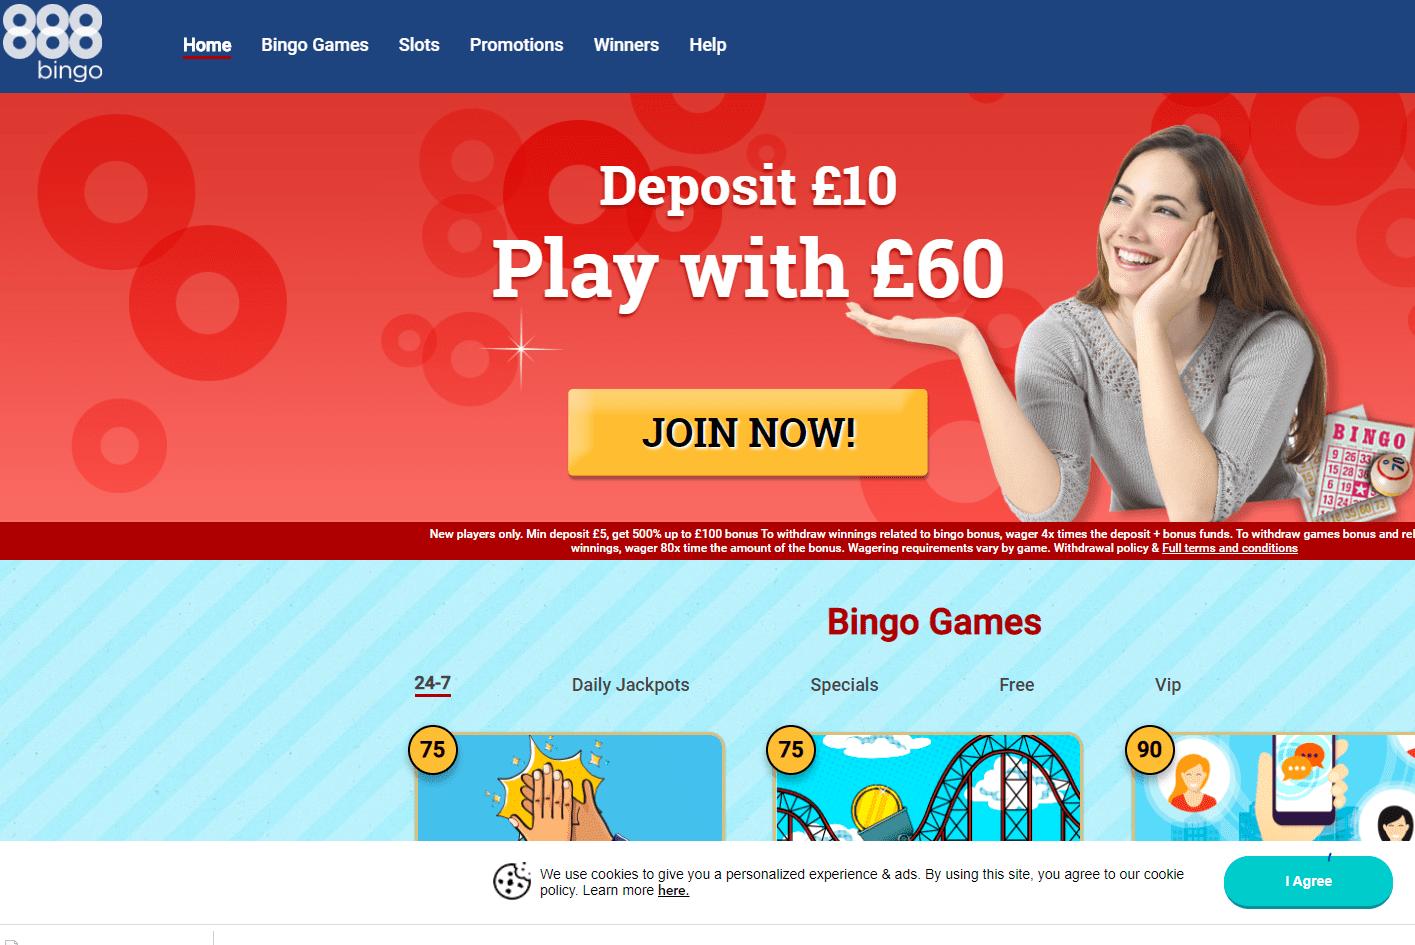 888 Bingo home